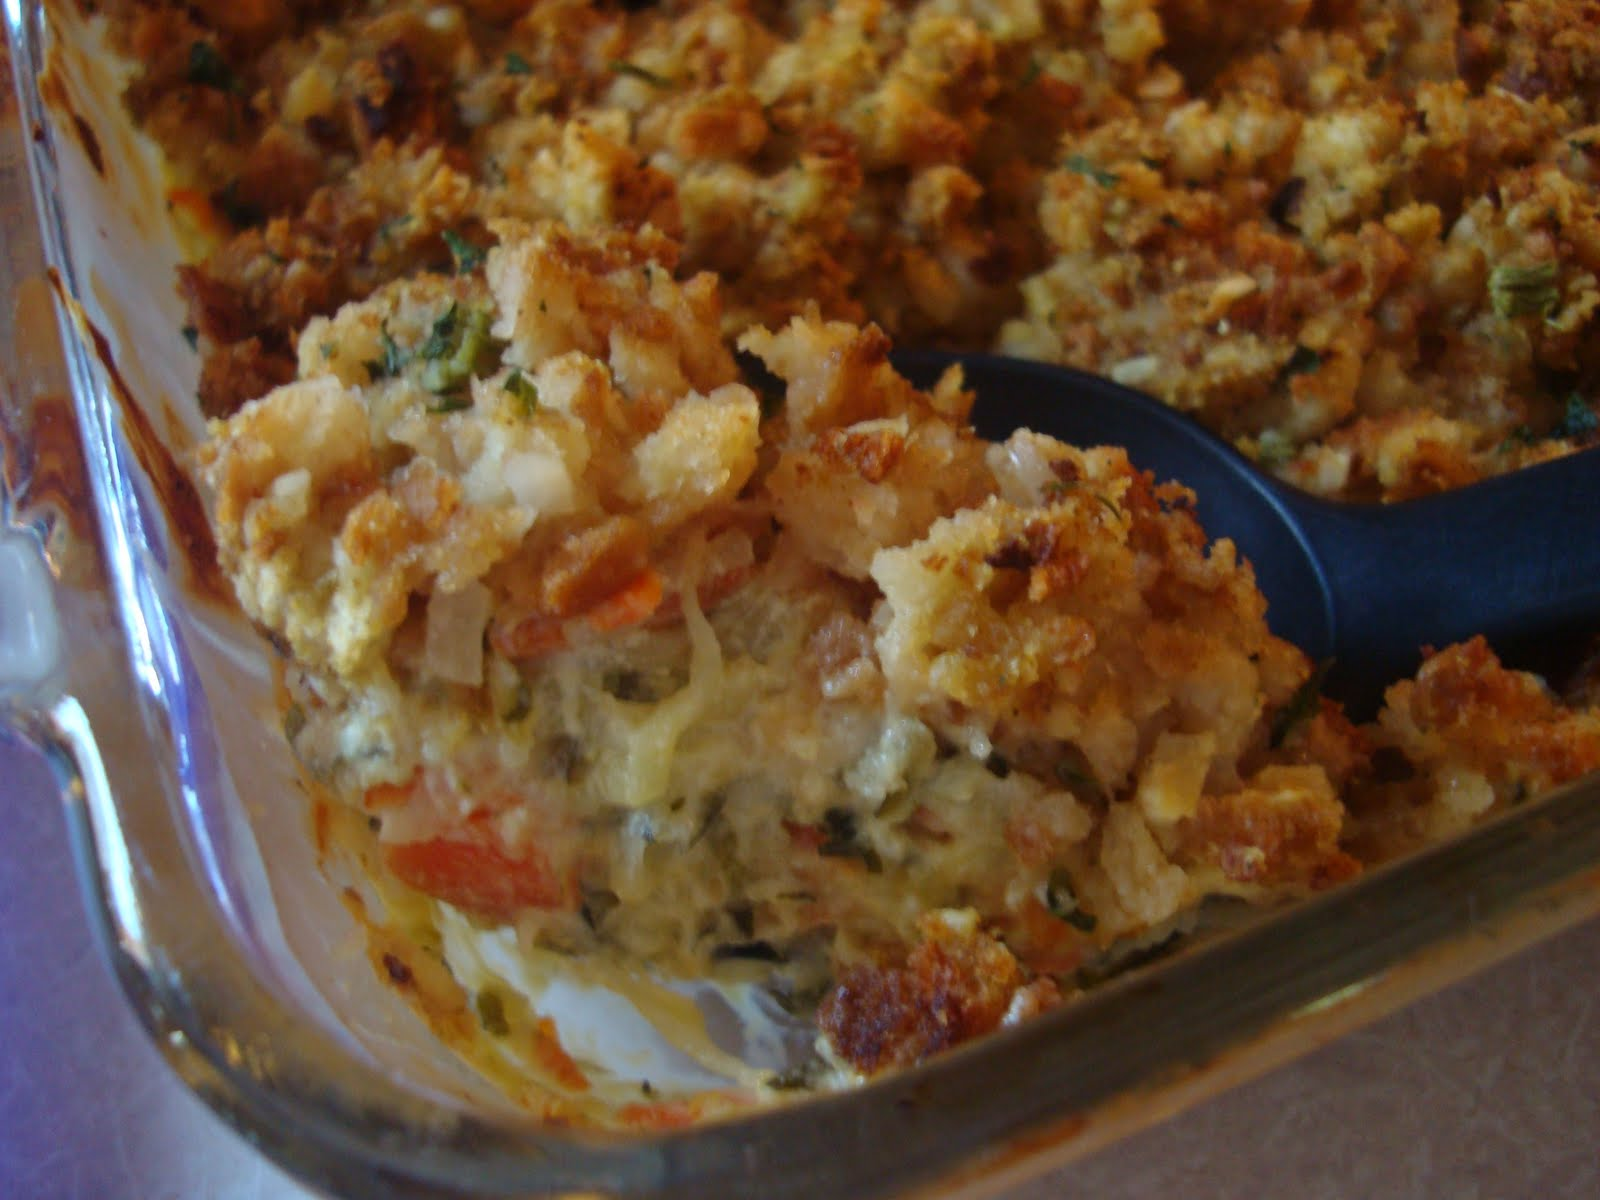 Zucchini Casserole (side dish)